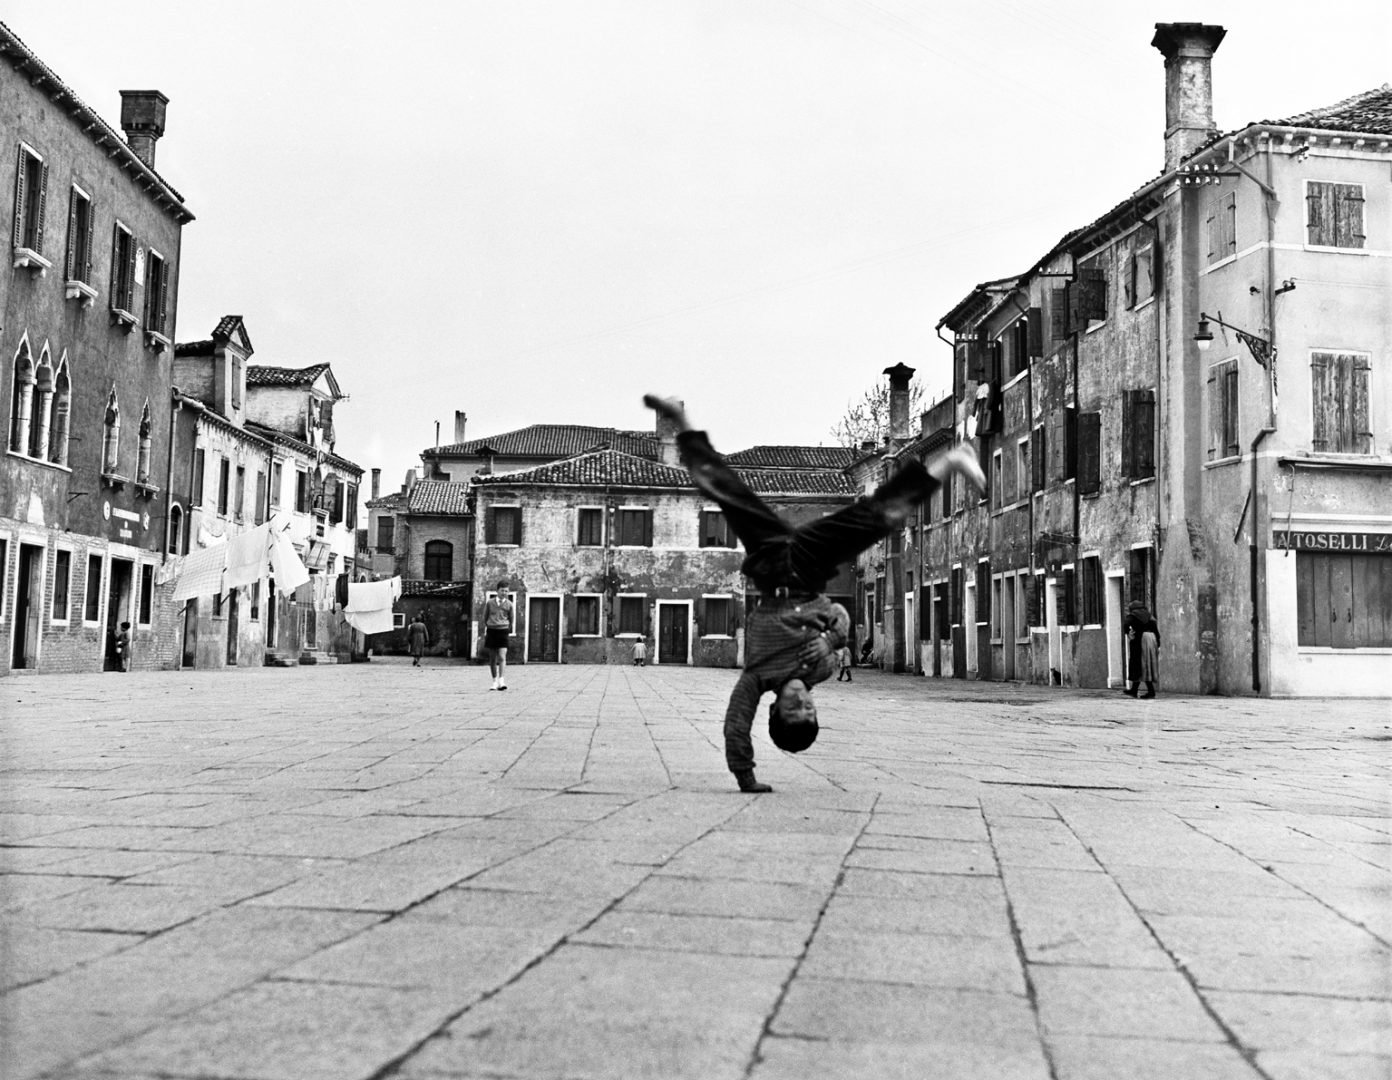 Piergiorgio Branzi ospite del Fotoclub Este